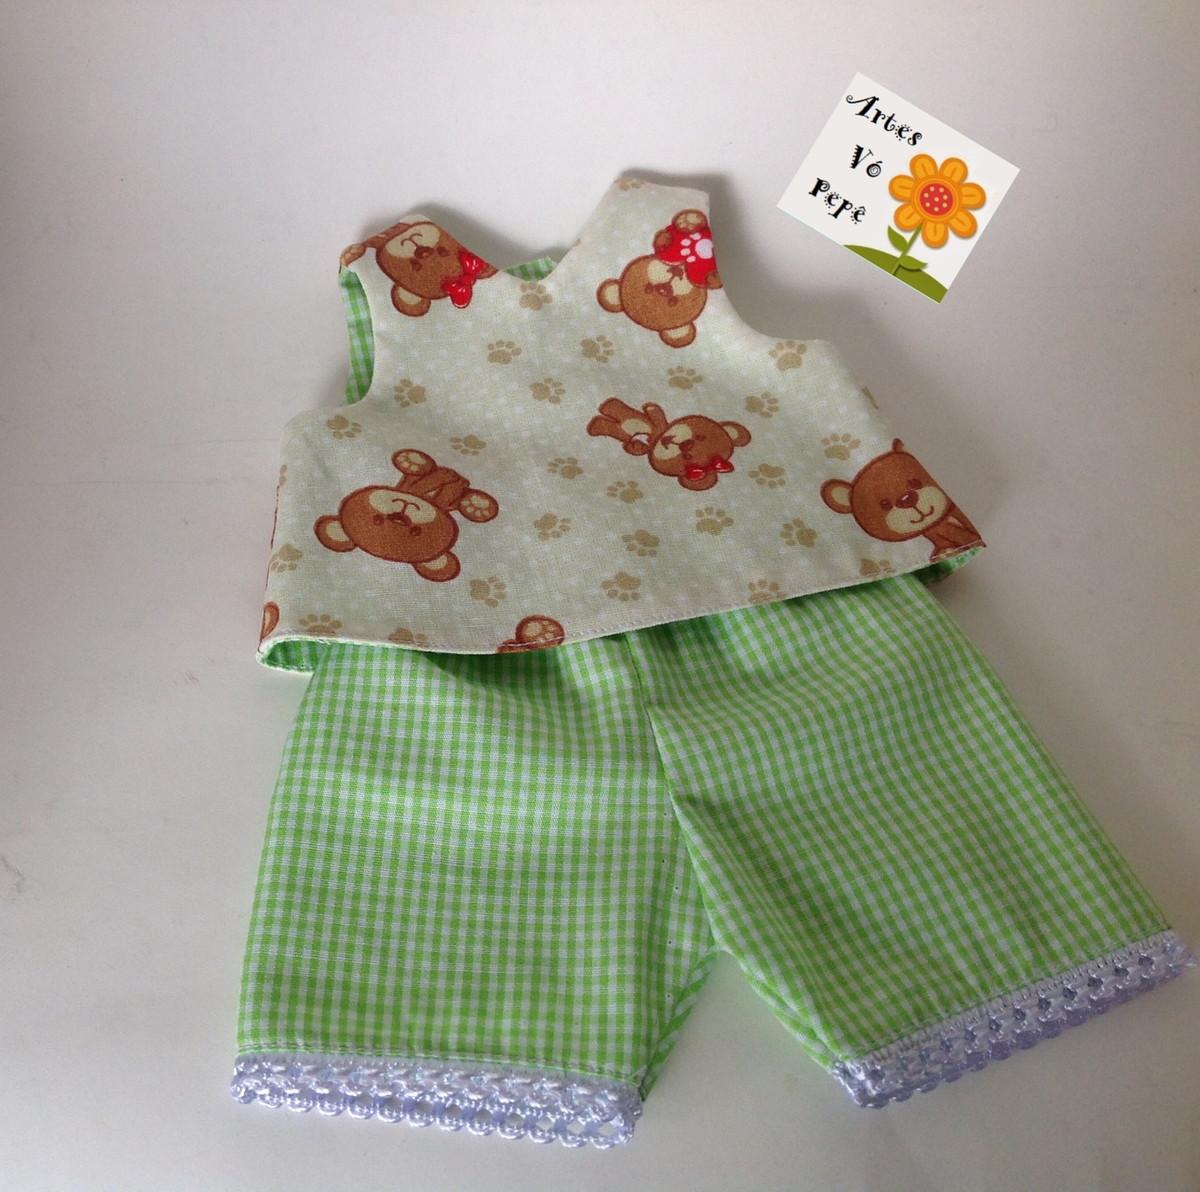 9553e3543 Pijama ou conjunto dupla face baby Alive (boneca) no Elo7